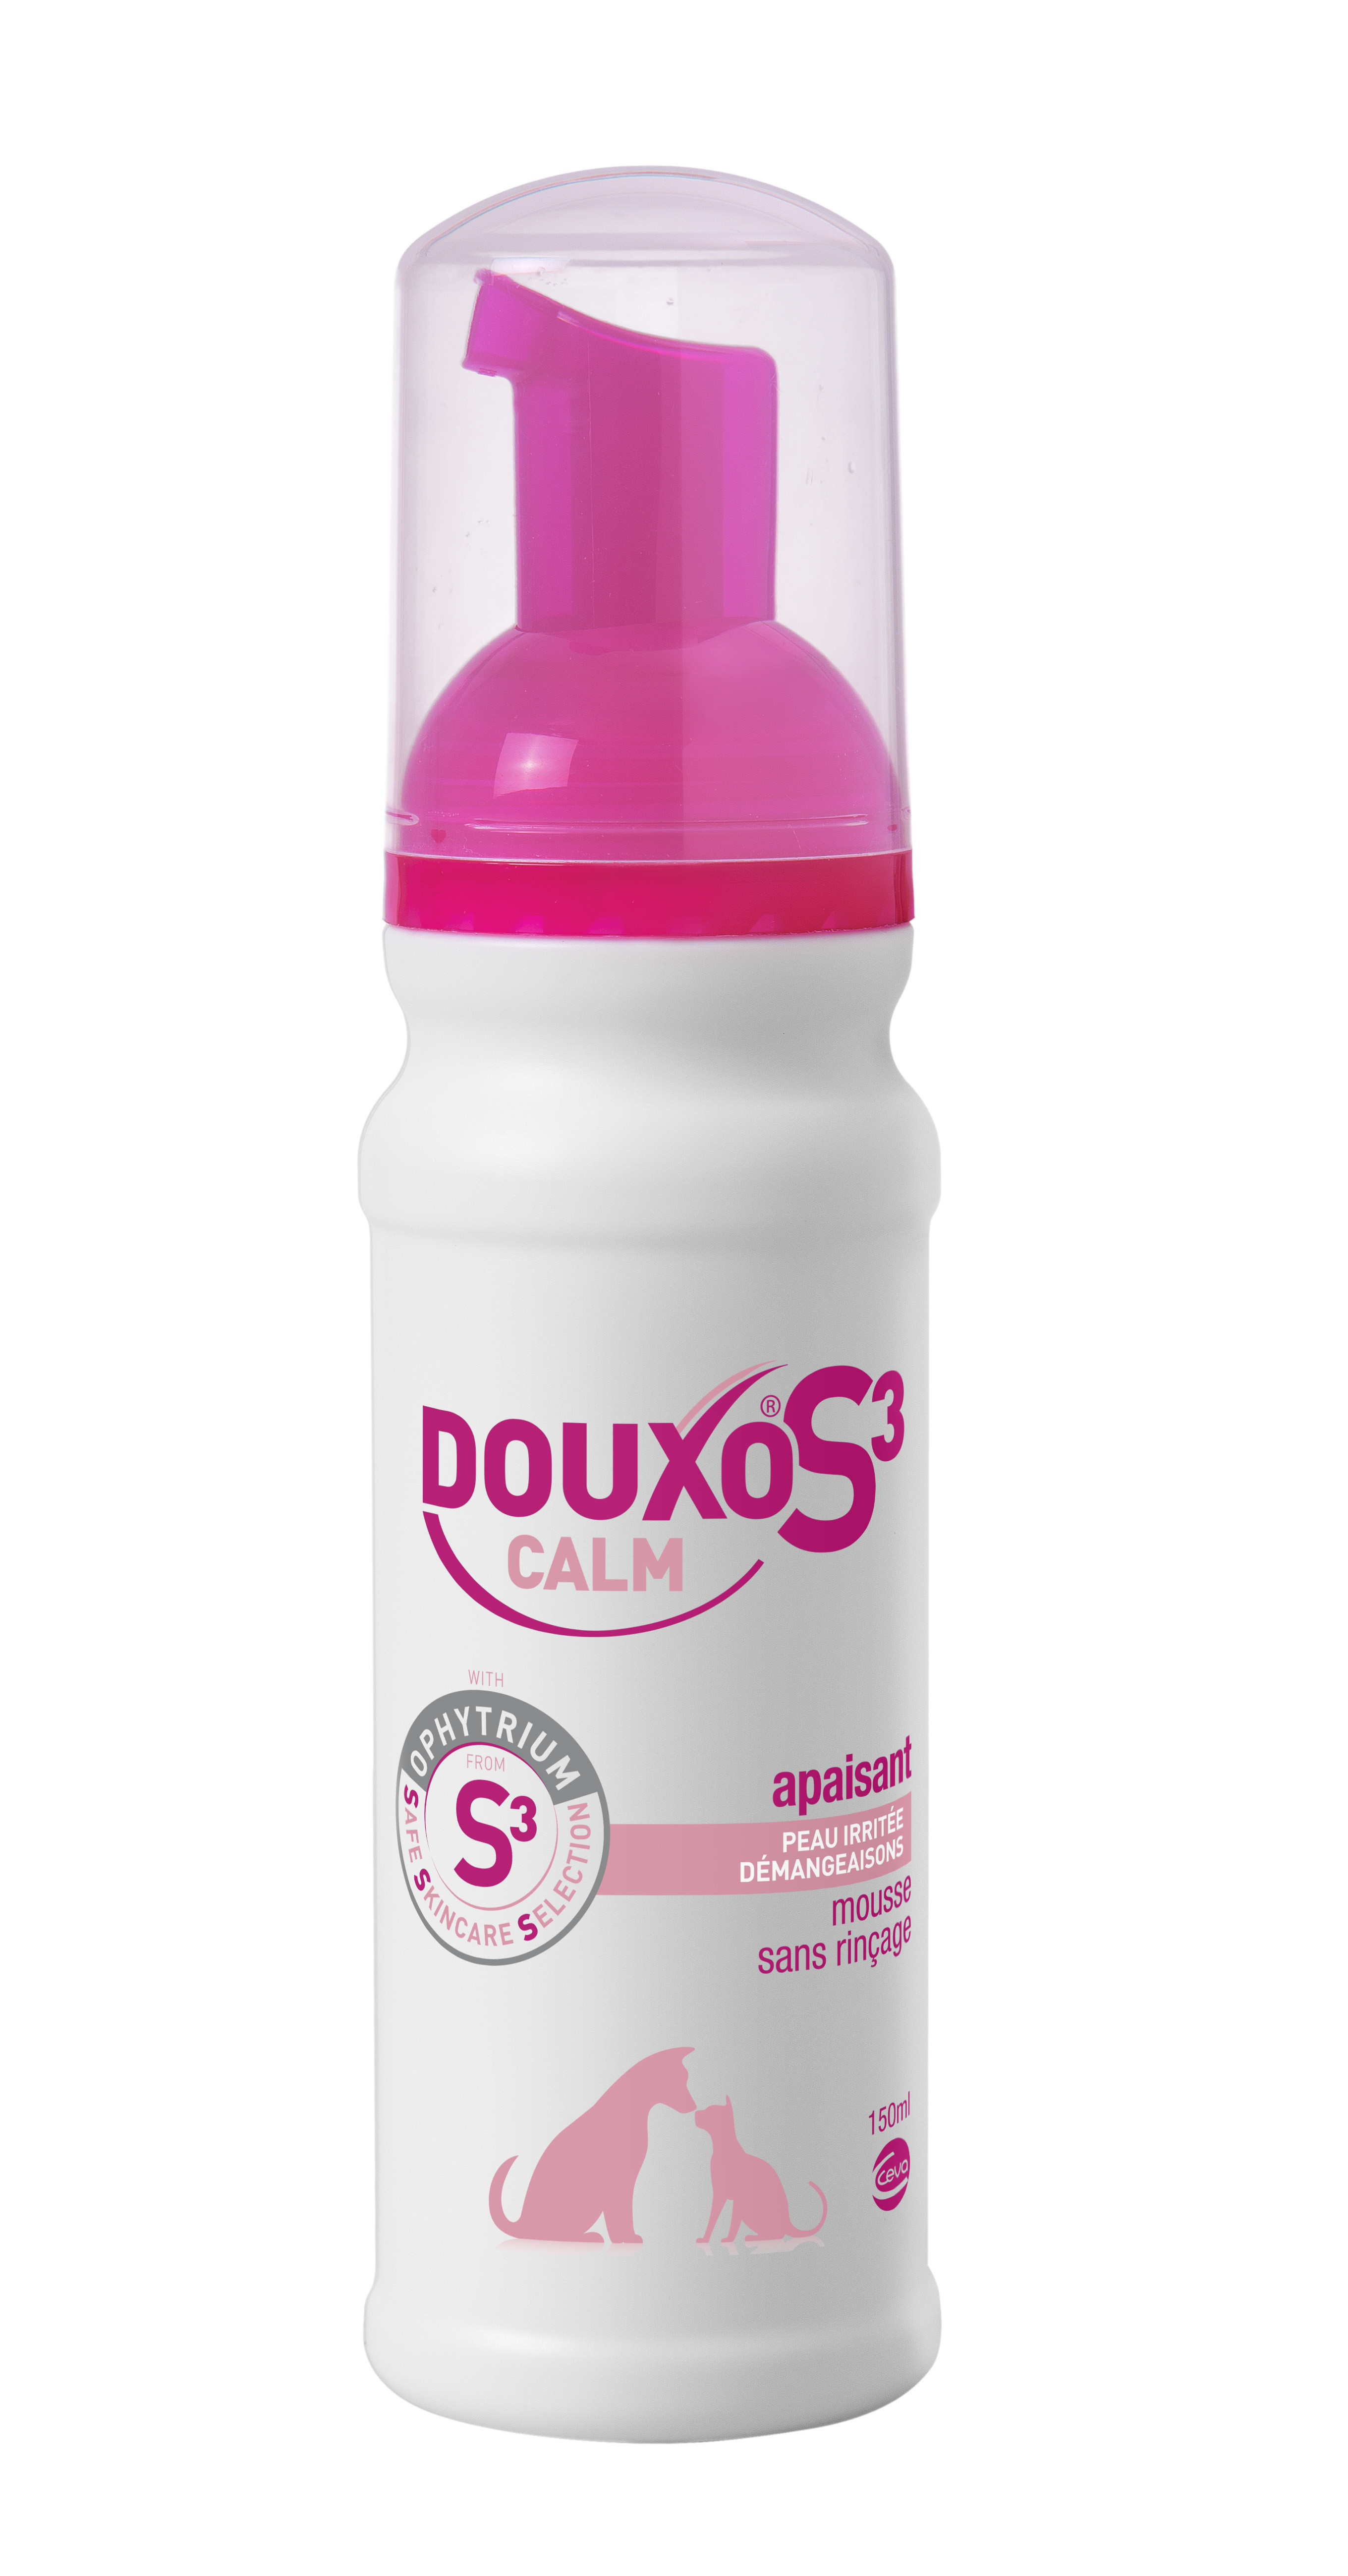 DOUXO® S3 CALM Mousse